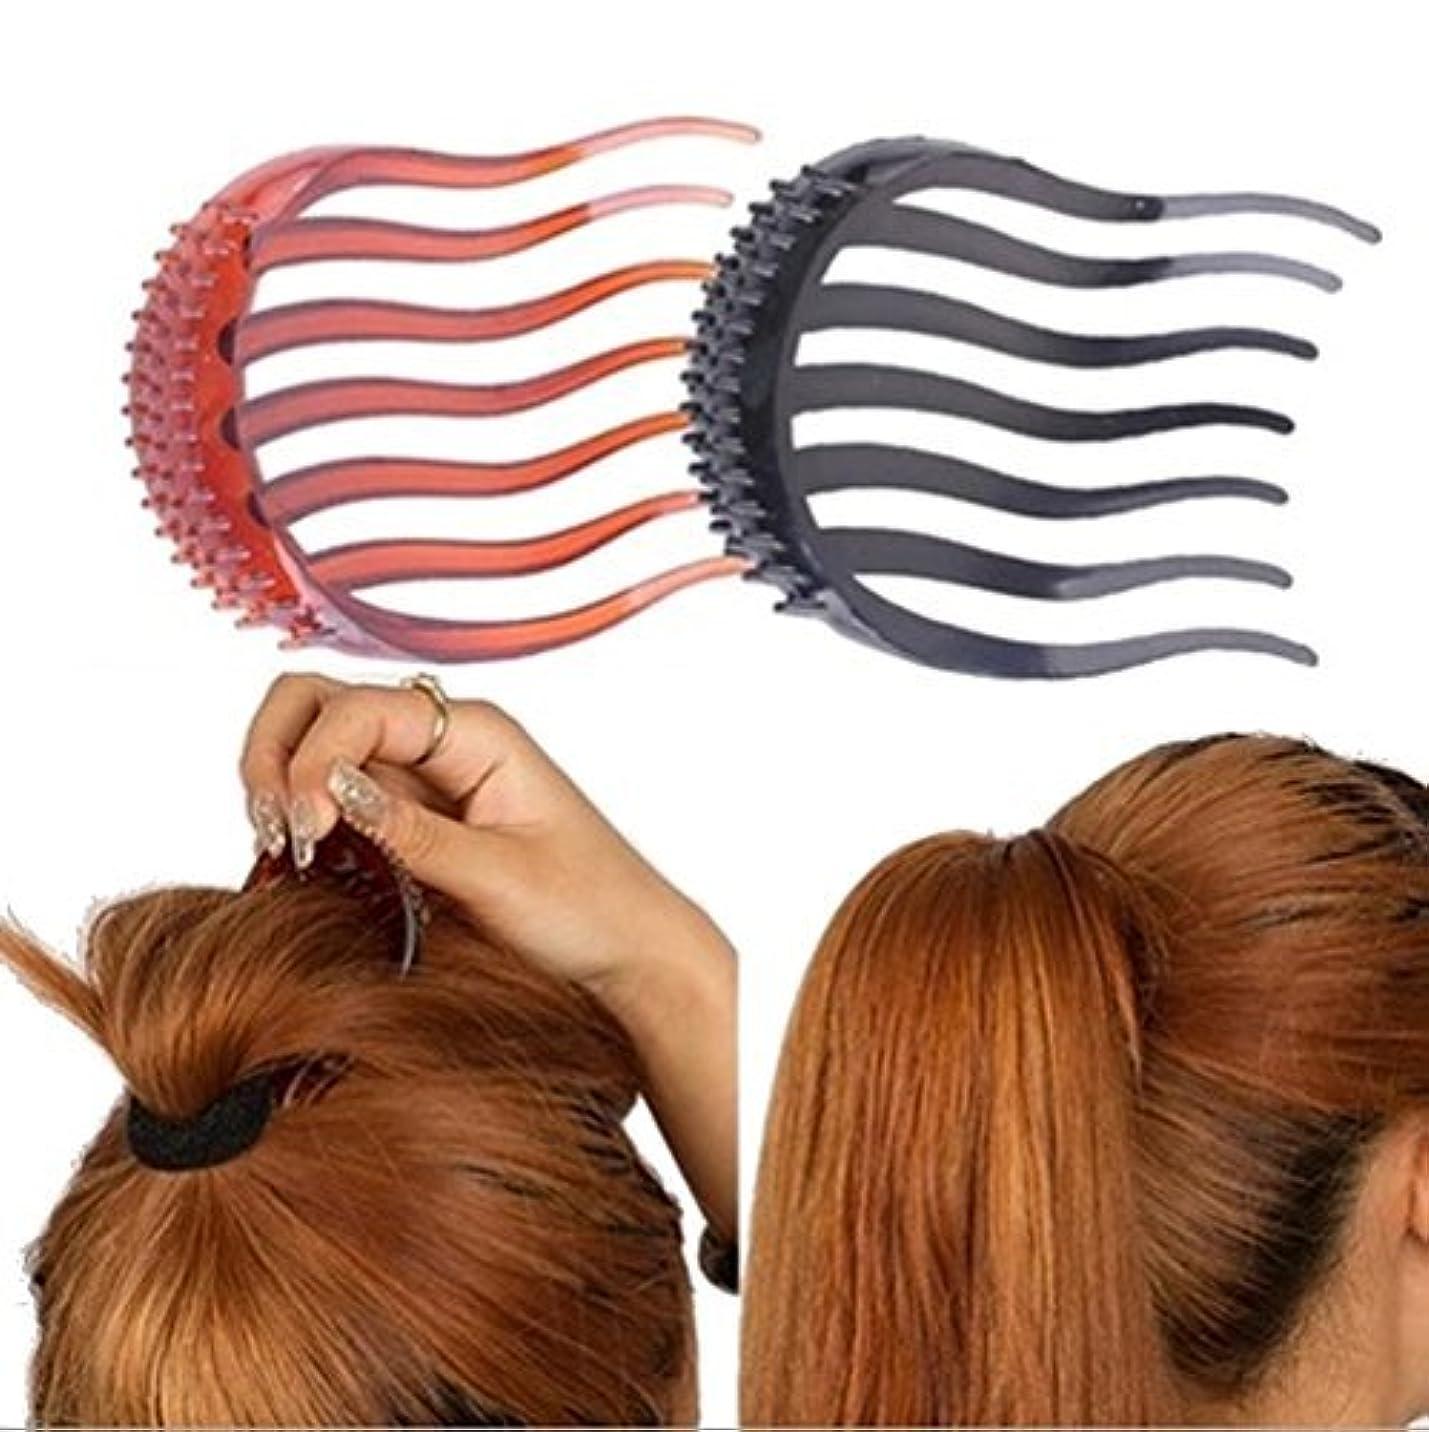 タールメンバー広告主2Pcs Ponytail Bump it UP Hair Styling Insert Comb Fluffy Hair Comb (1Black+1Coffee) [並行輸入品]